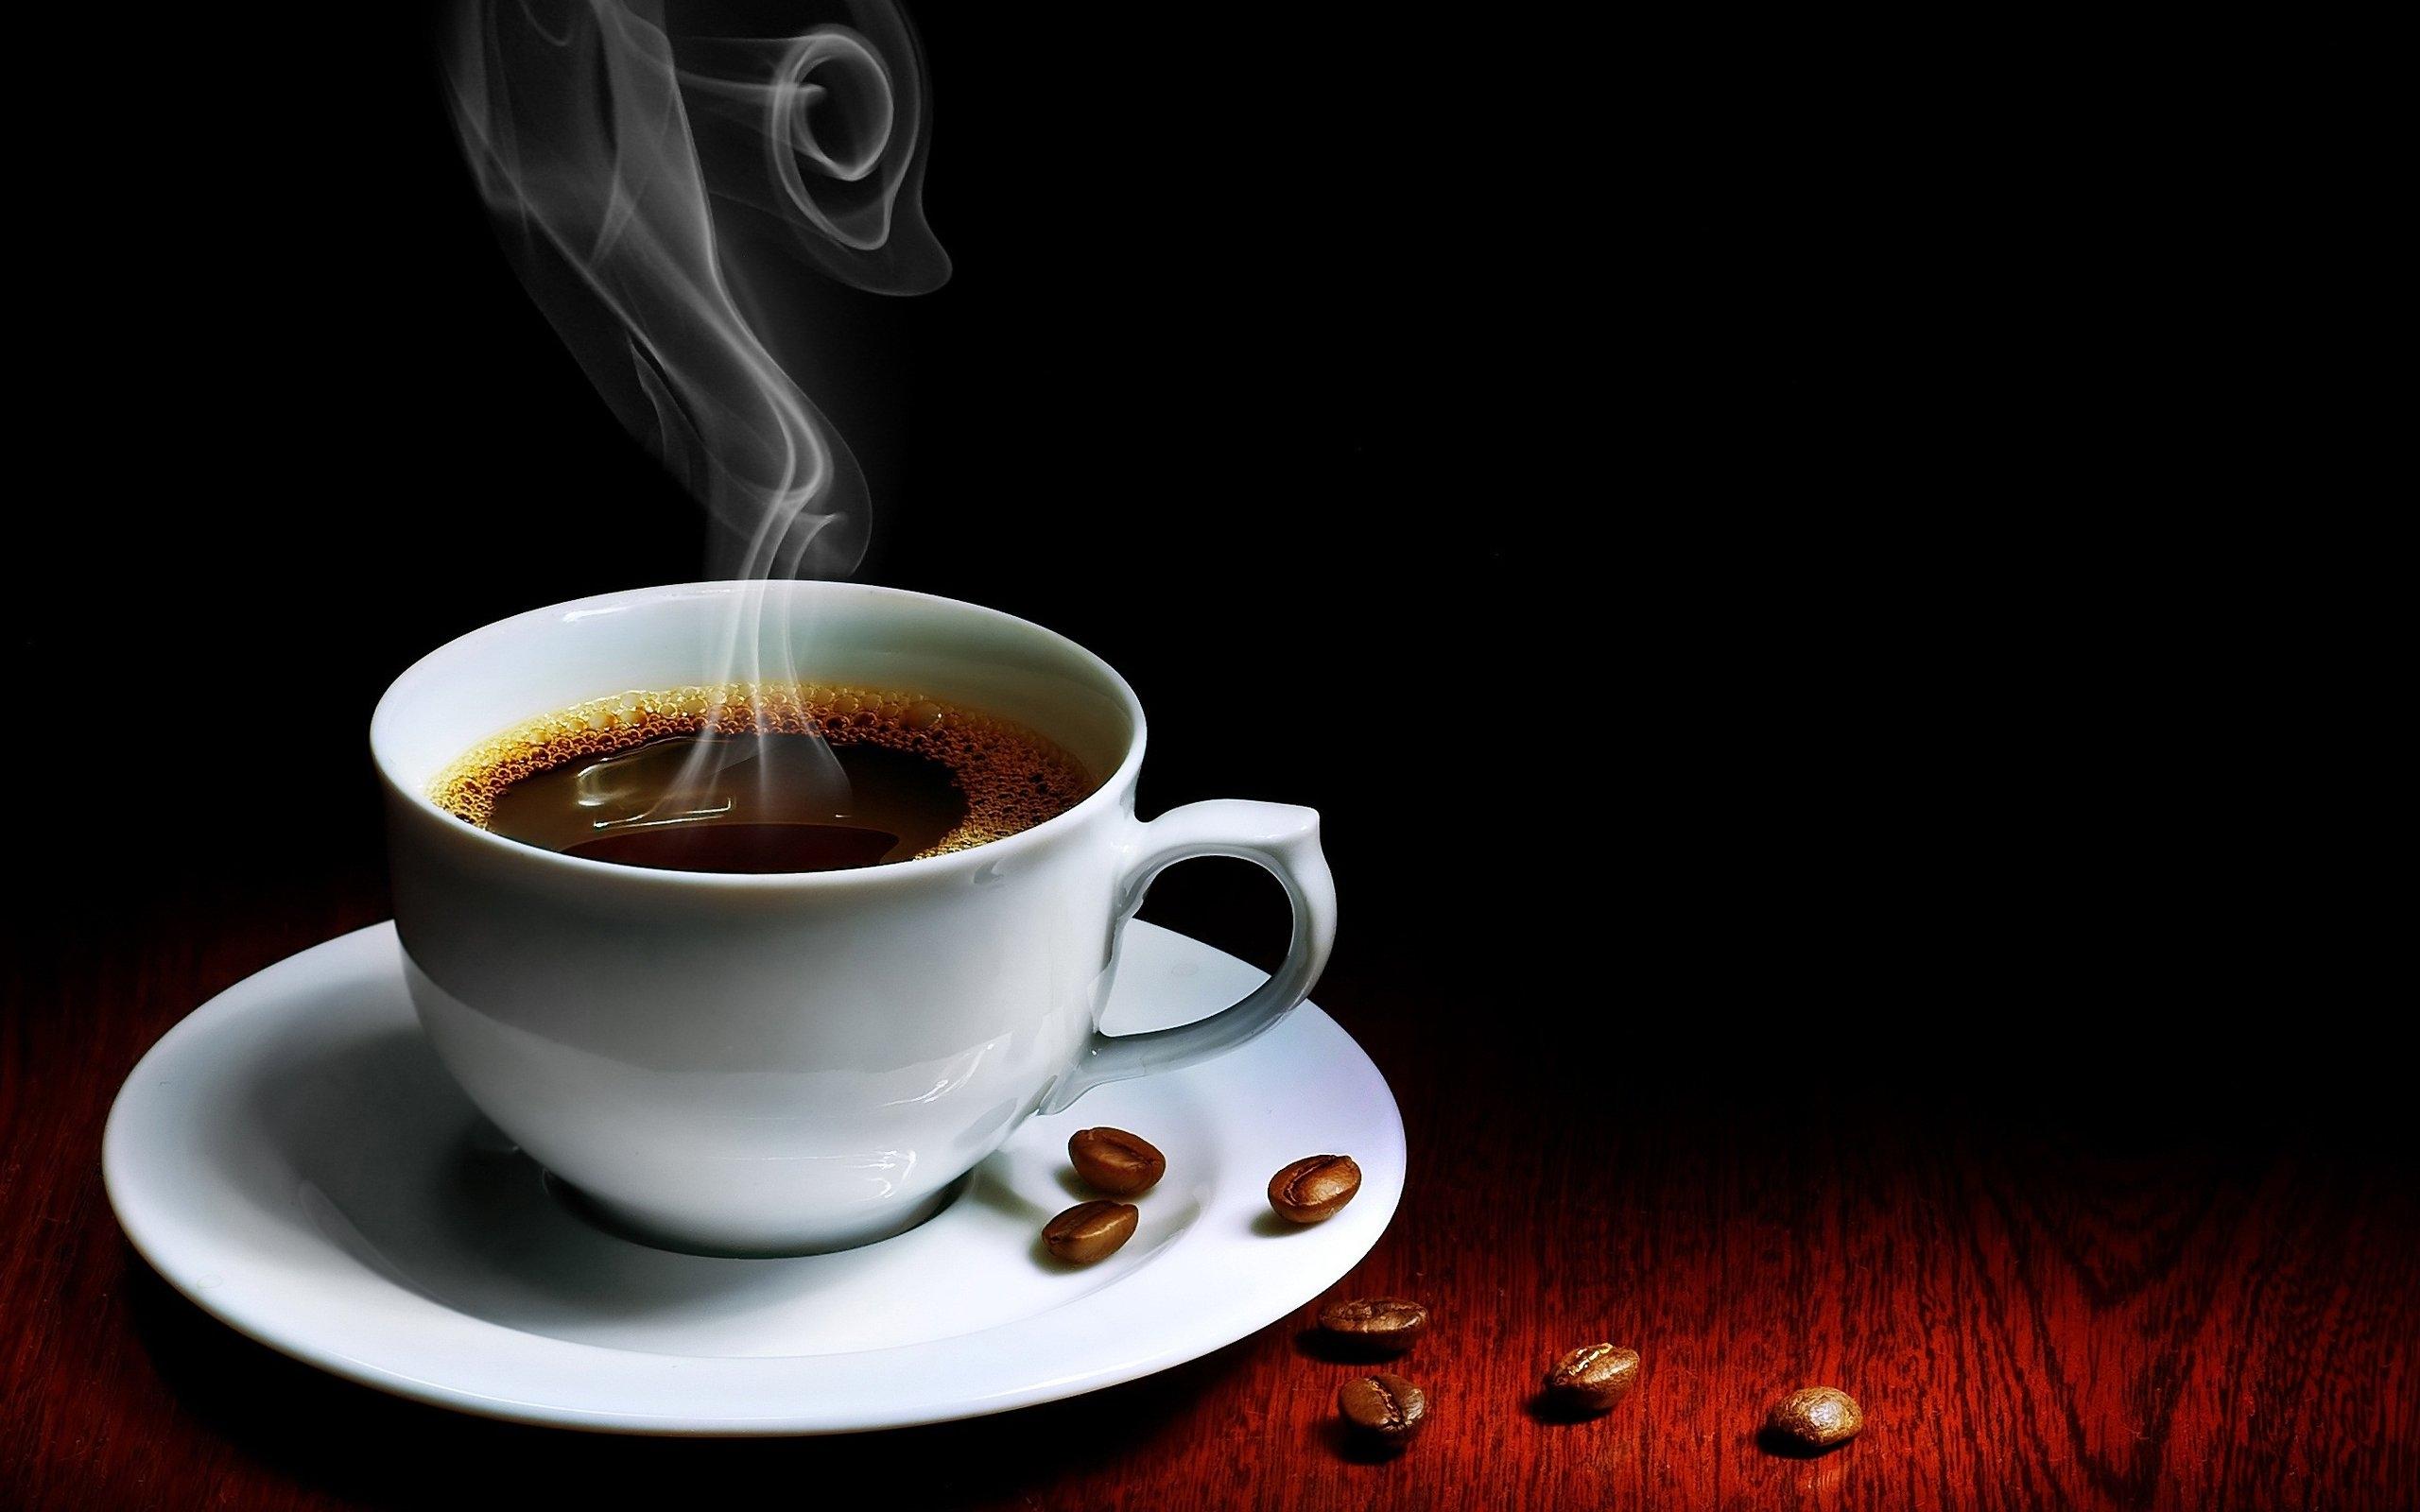 El café descafeinado y los mormones: mitos y verdades